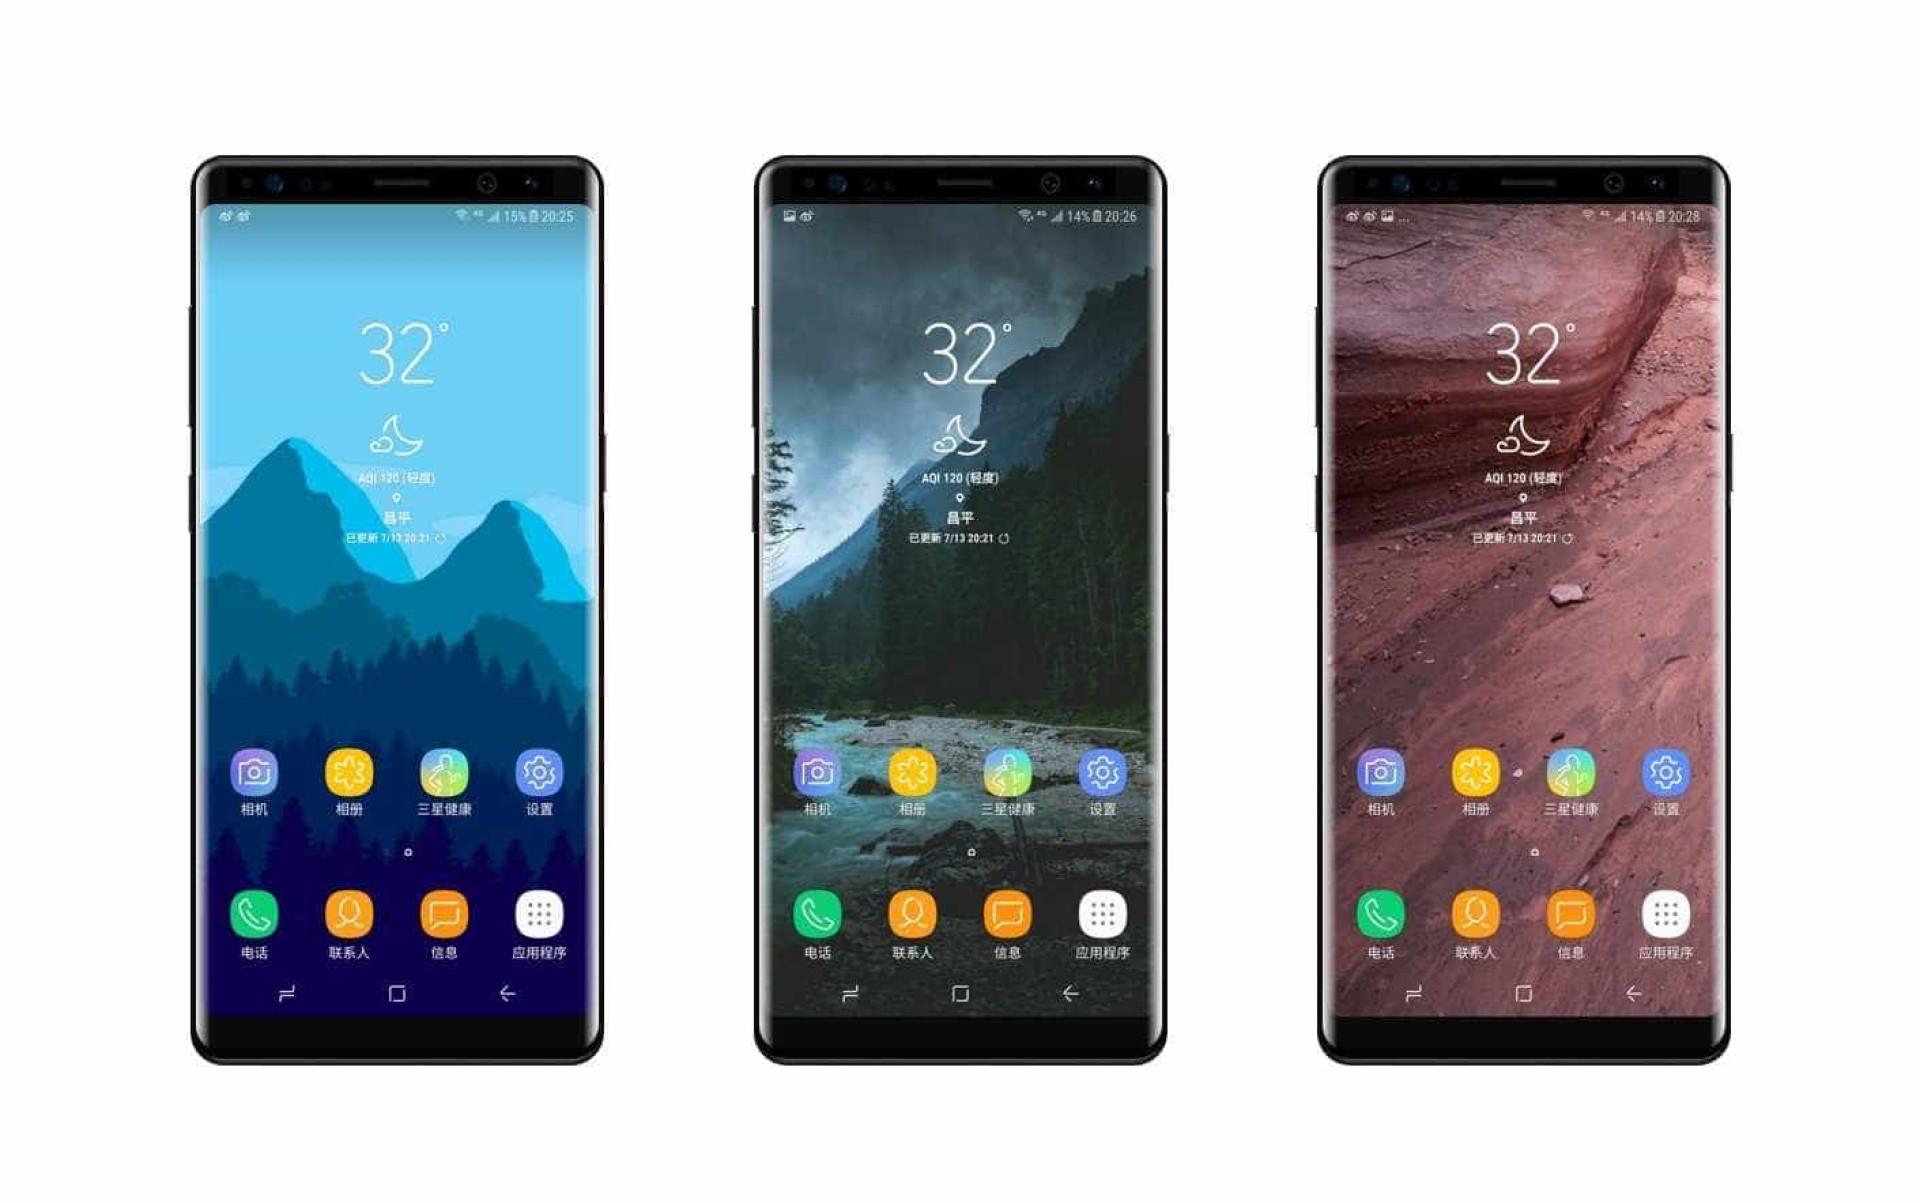 Imagens mostram os novos modos da câmara do Galaxy Note 8